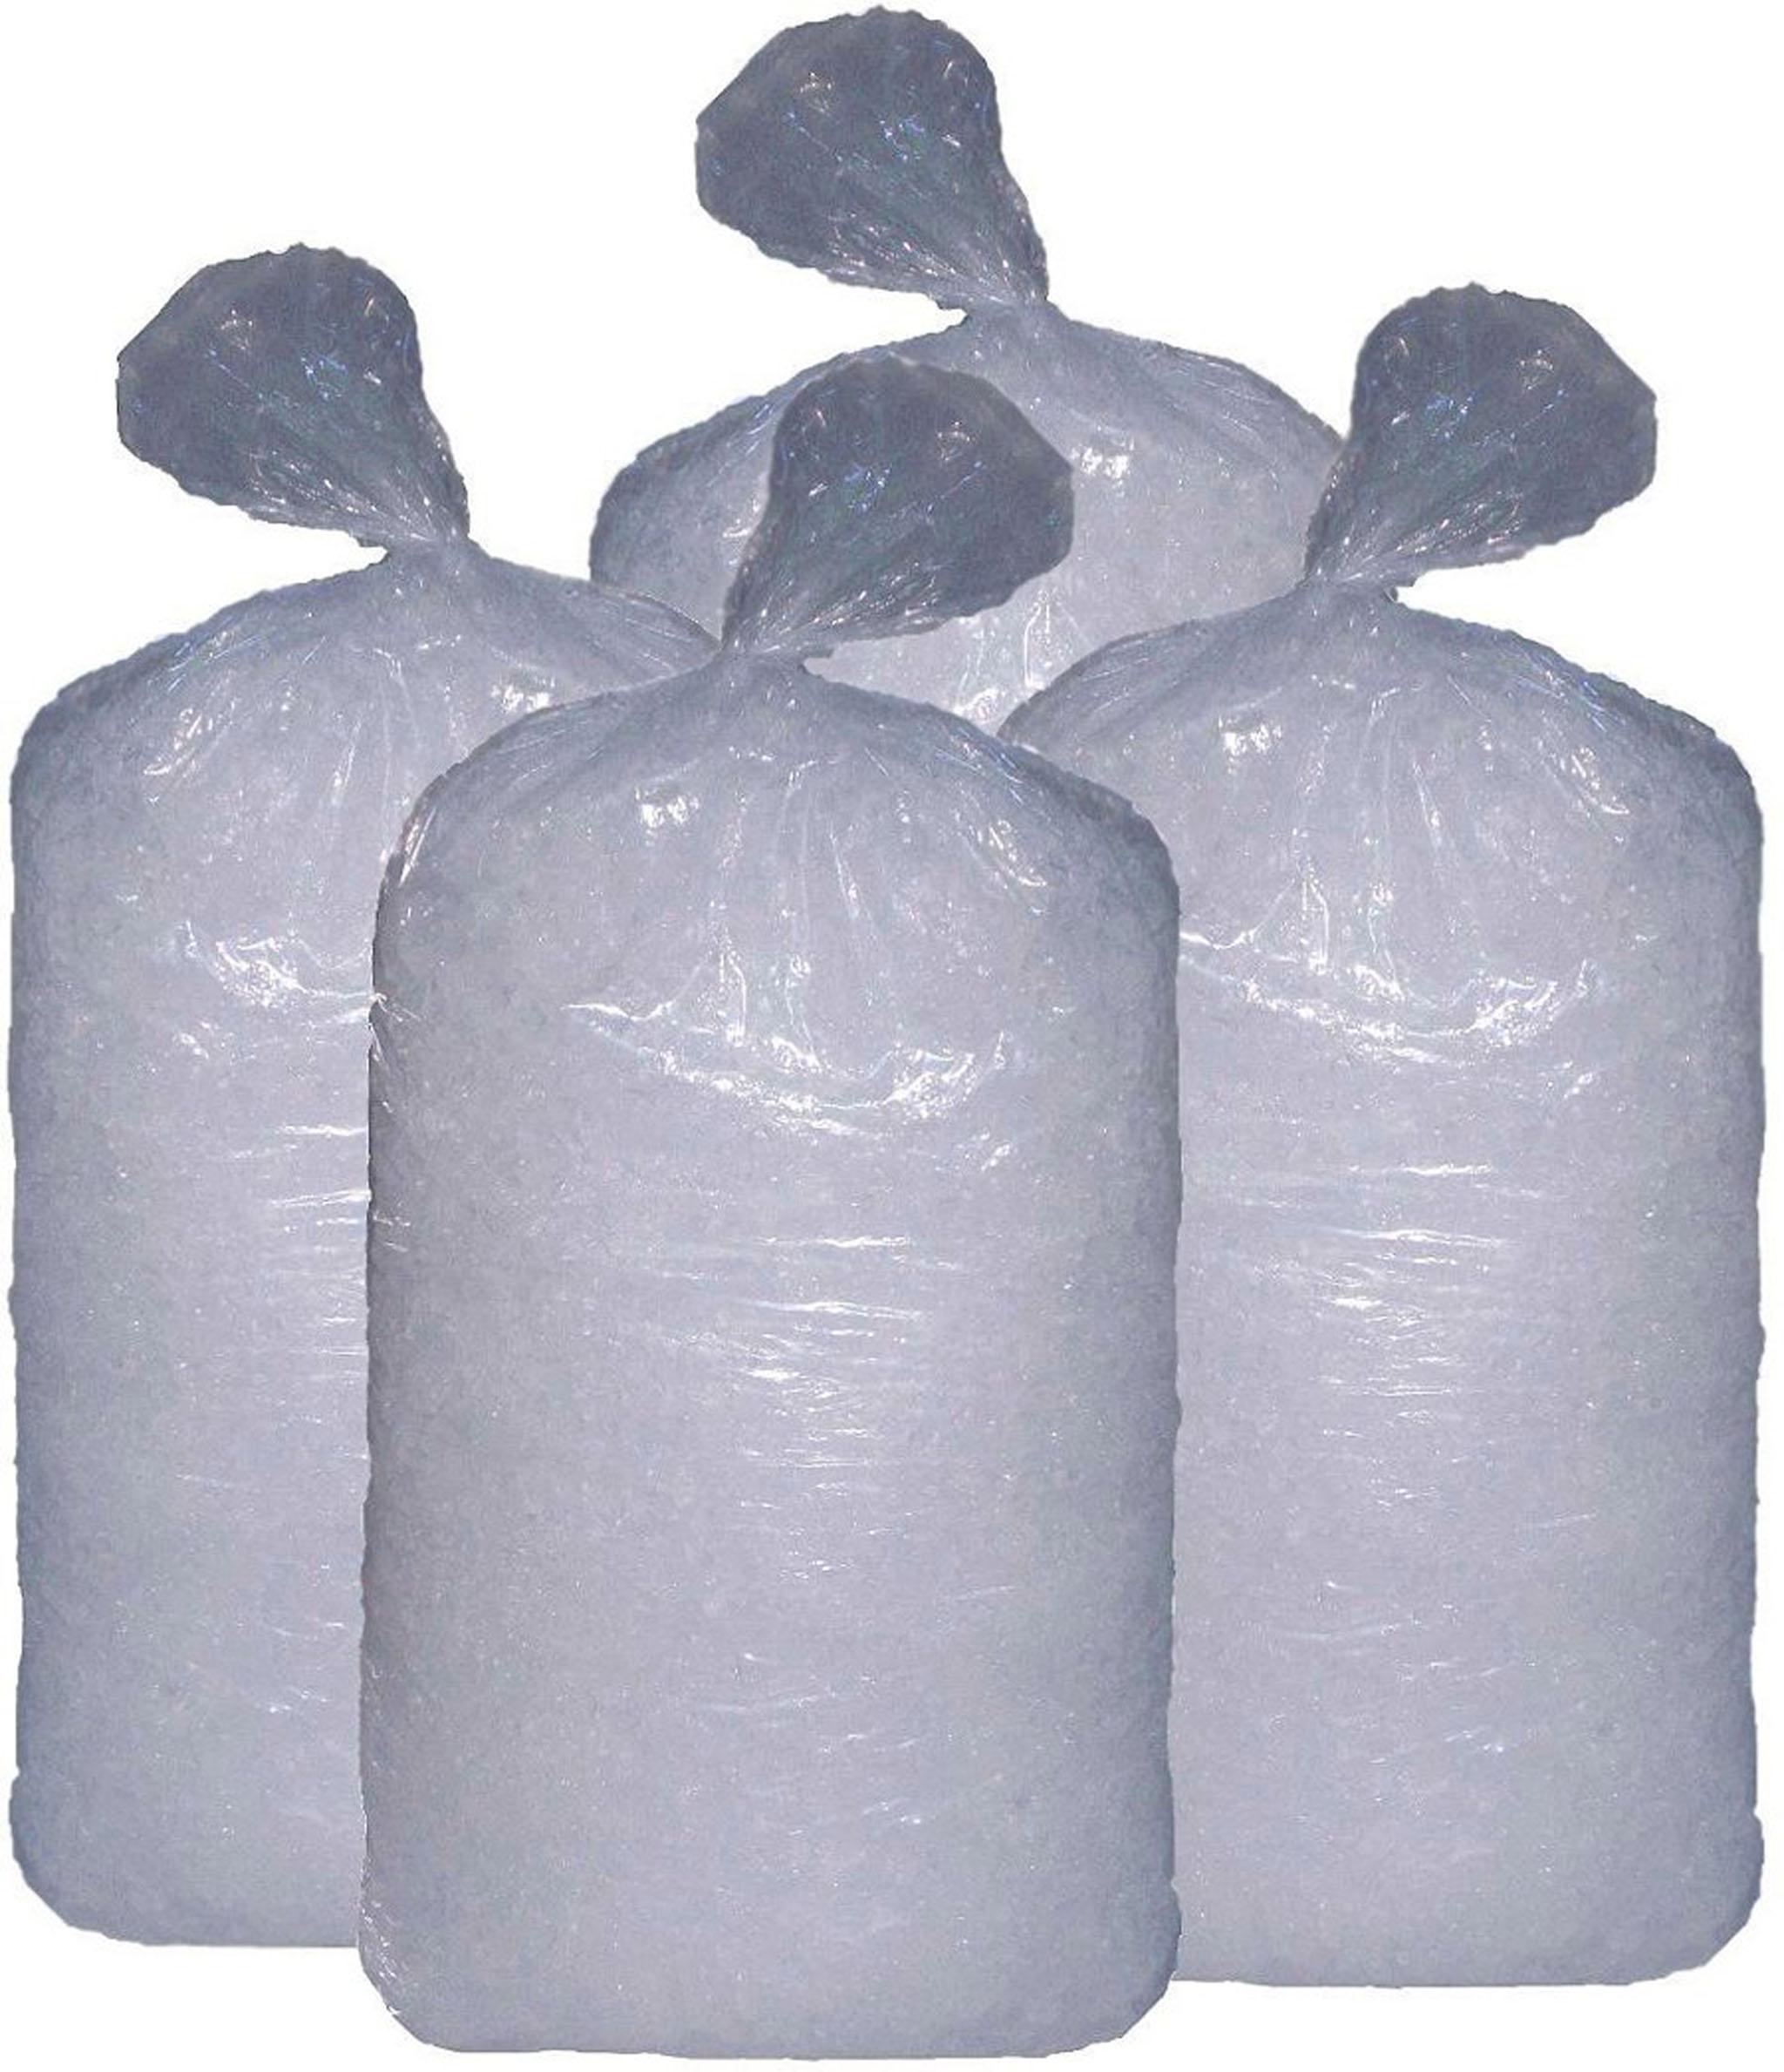 Sac de gla ons 6kg boutique erisay traiteur - Sac glacons 20 kg ...